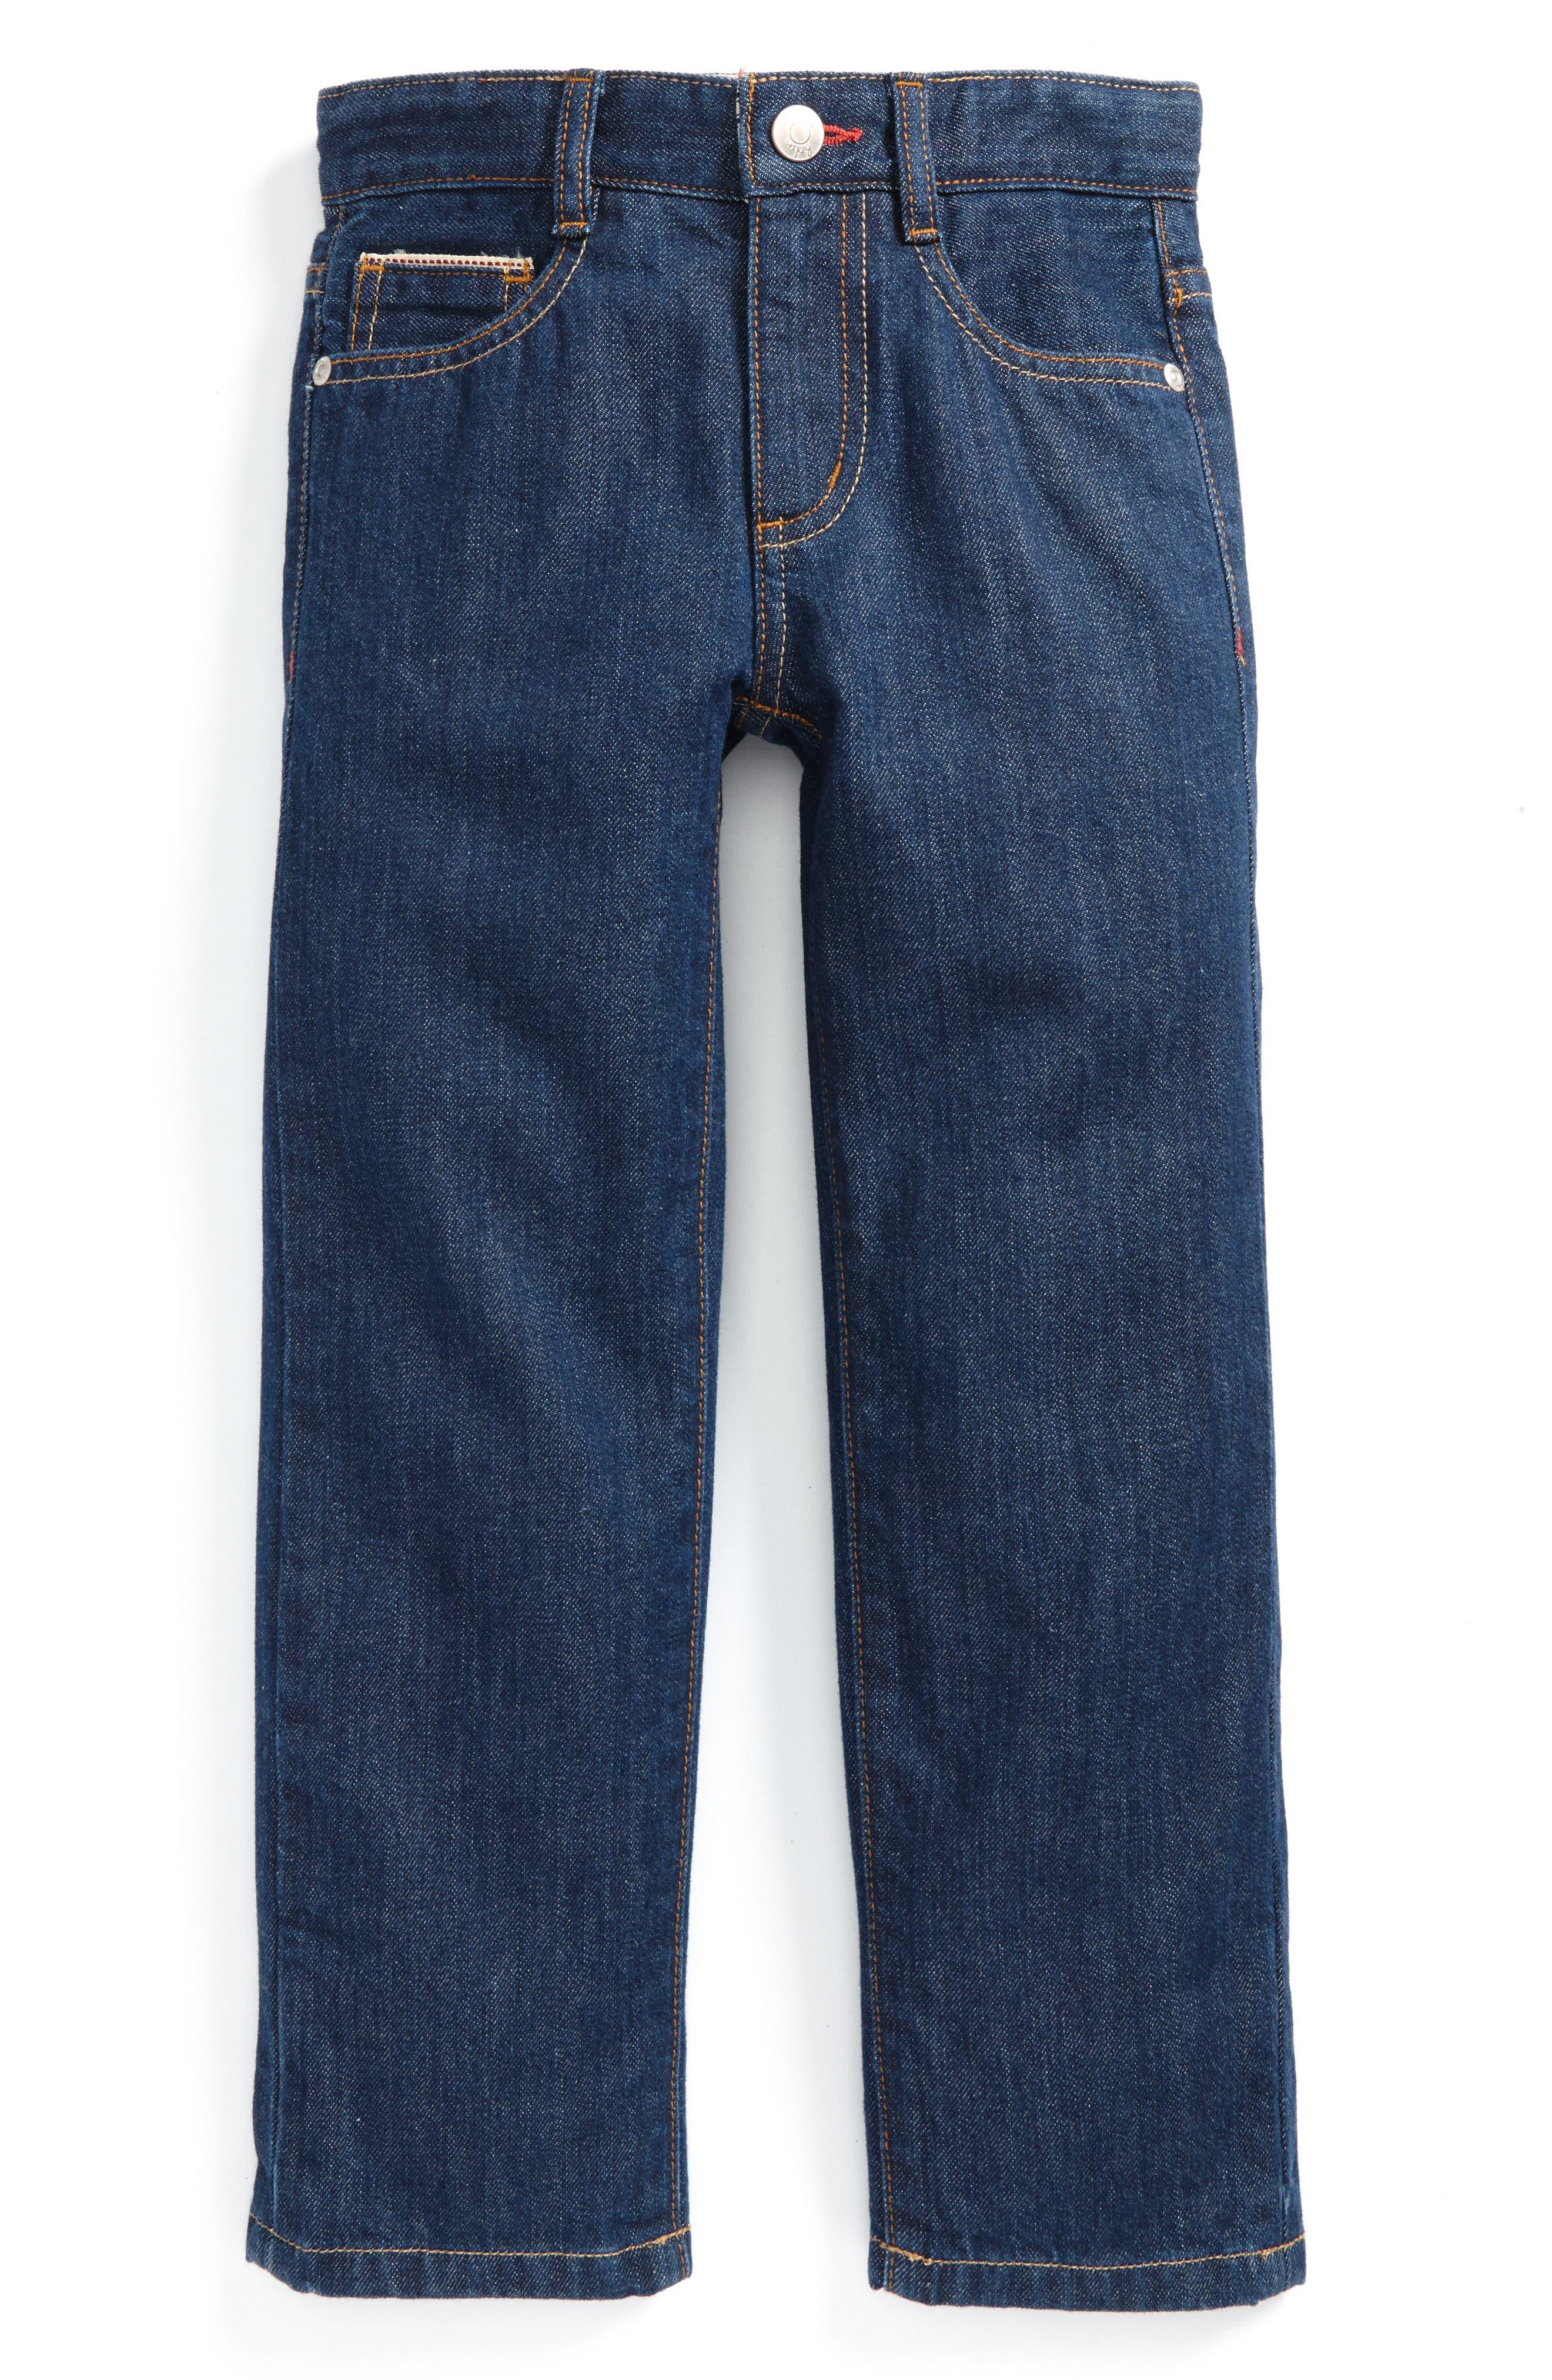 Alternate Image 1 Selected - Mini Boden Straight Leg Jeans (Toddler Boys, Little Boys & Big Boys)